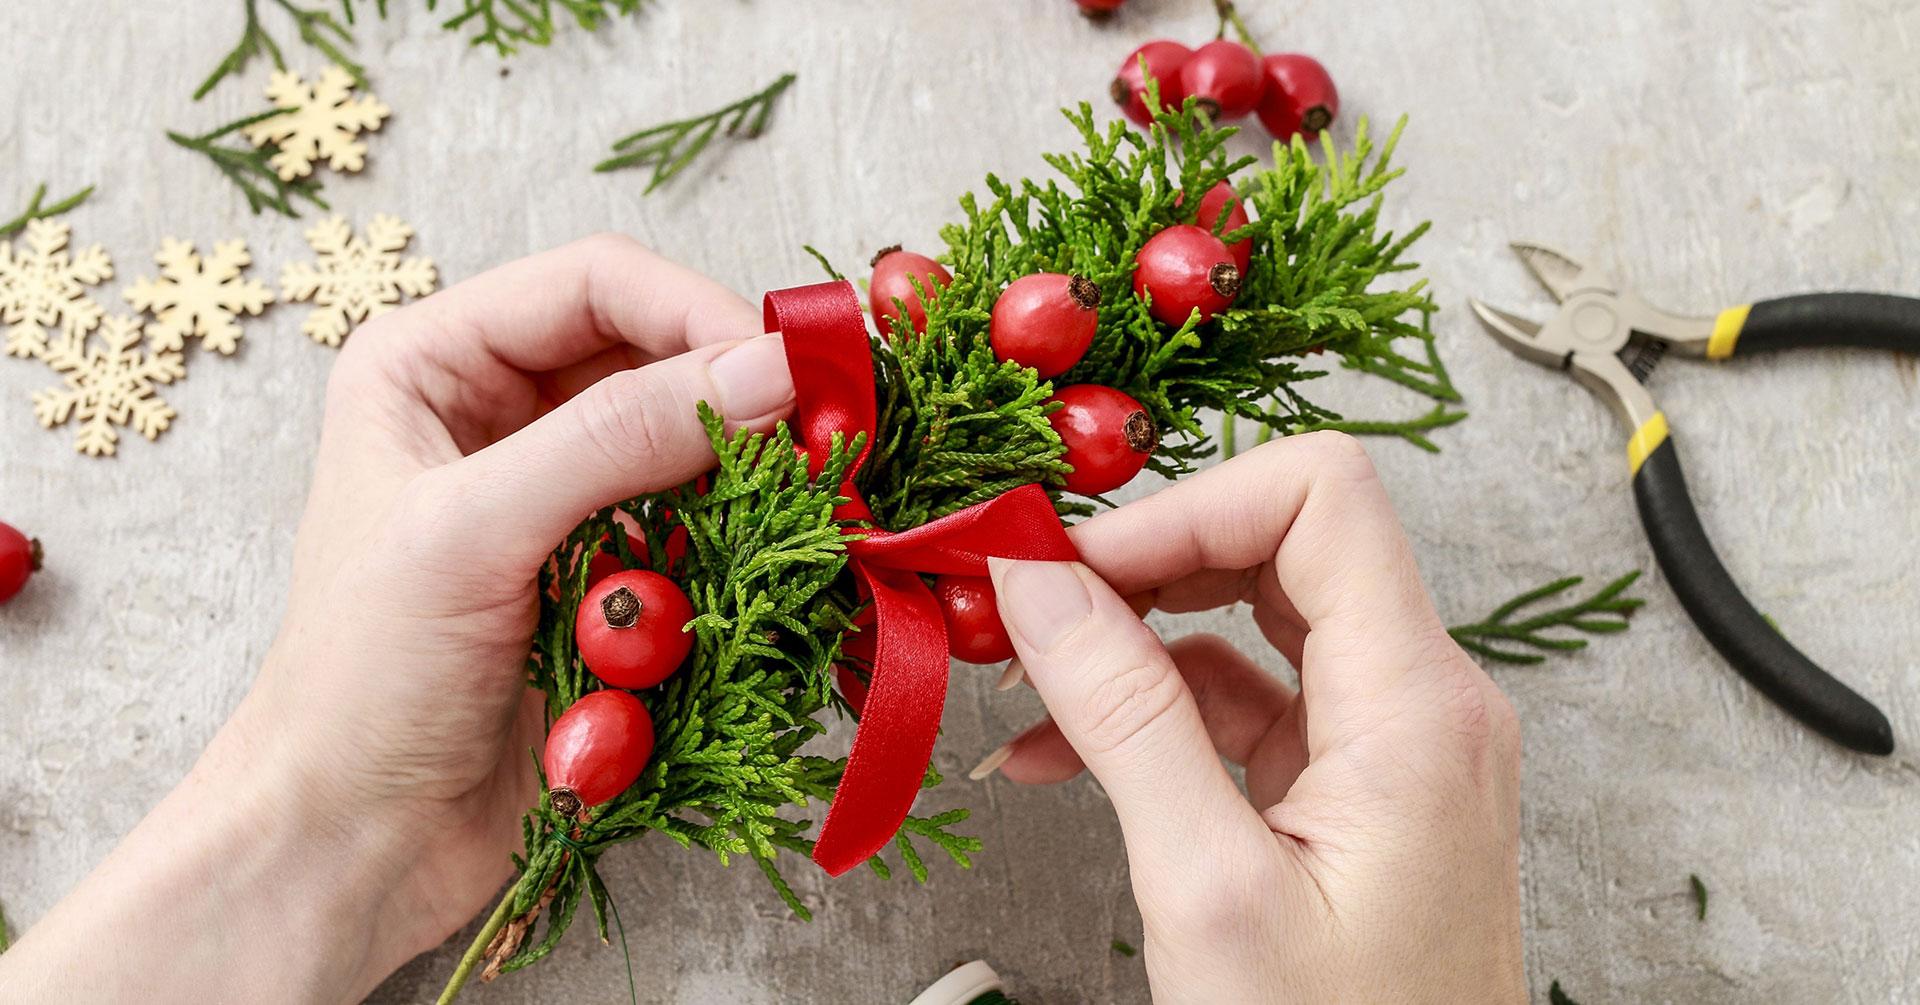 Adornos navideños que puedes hacer con poco presupuesto